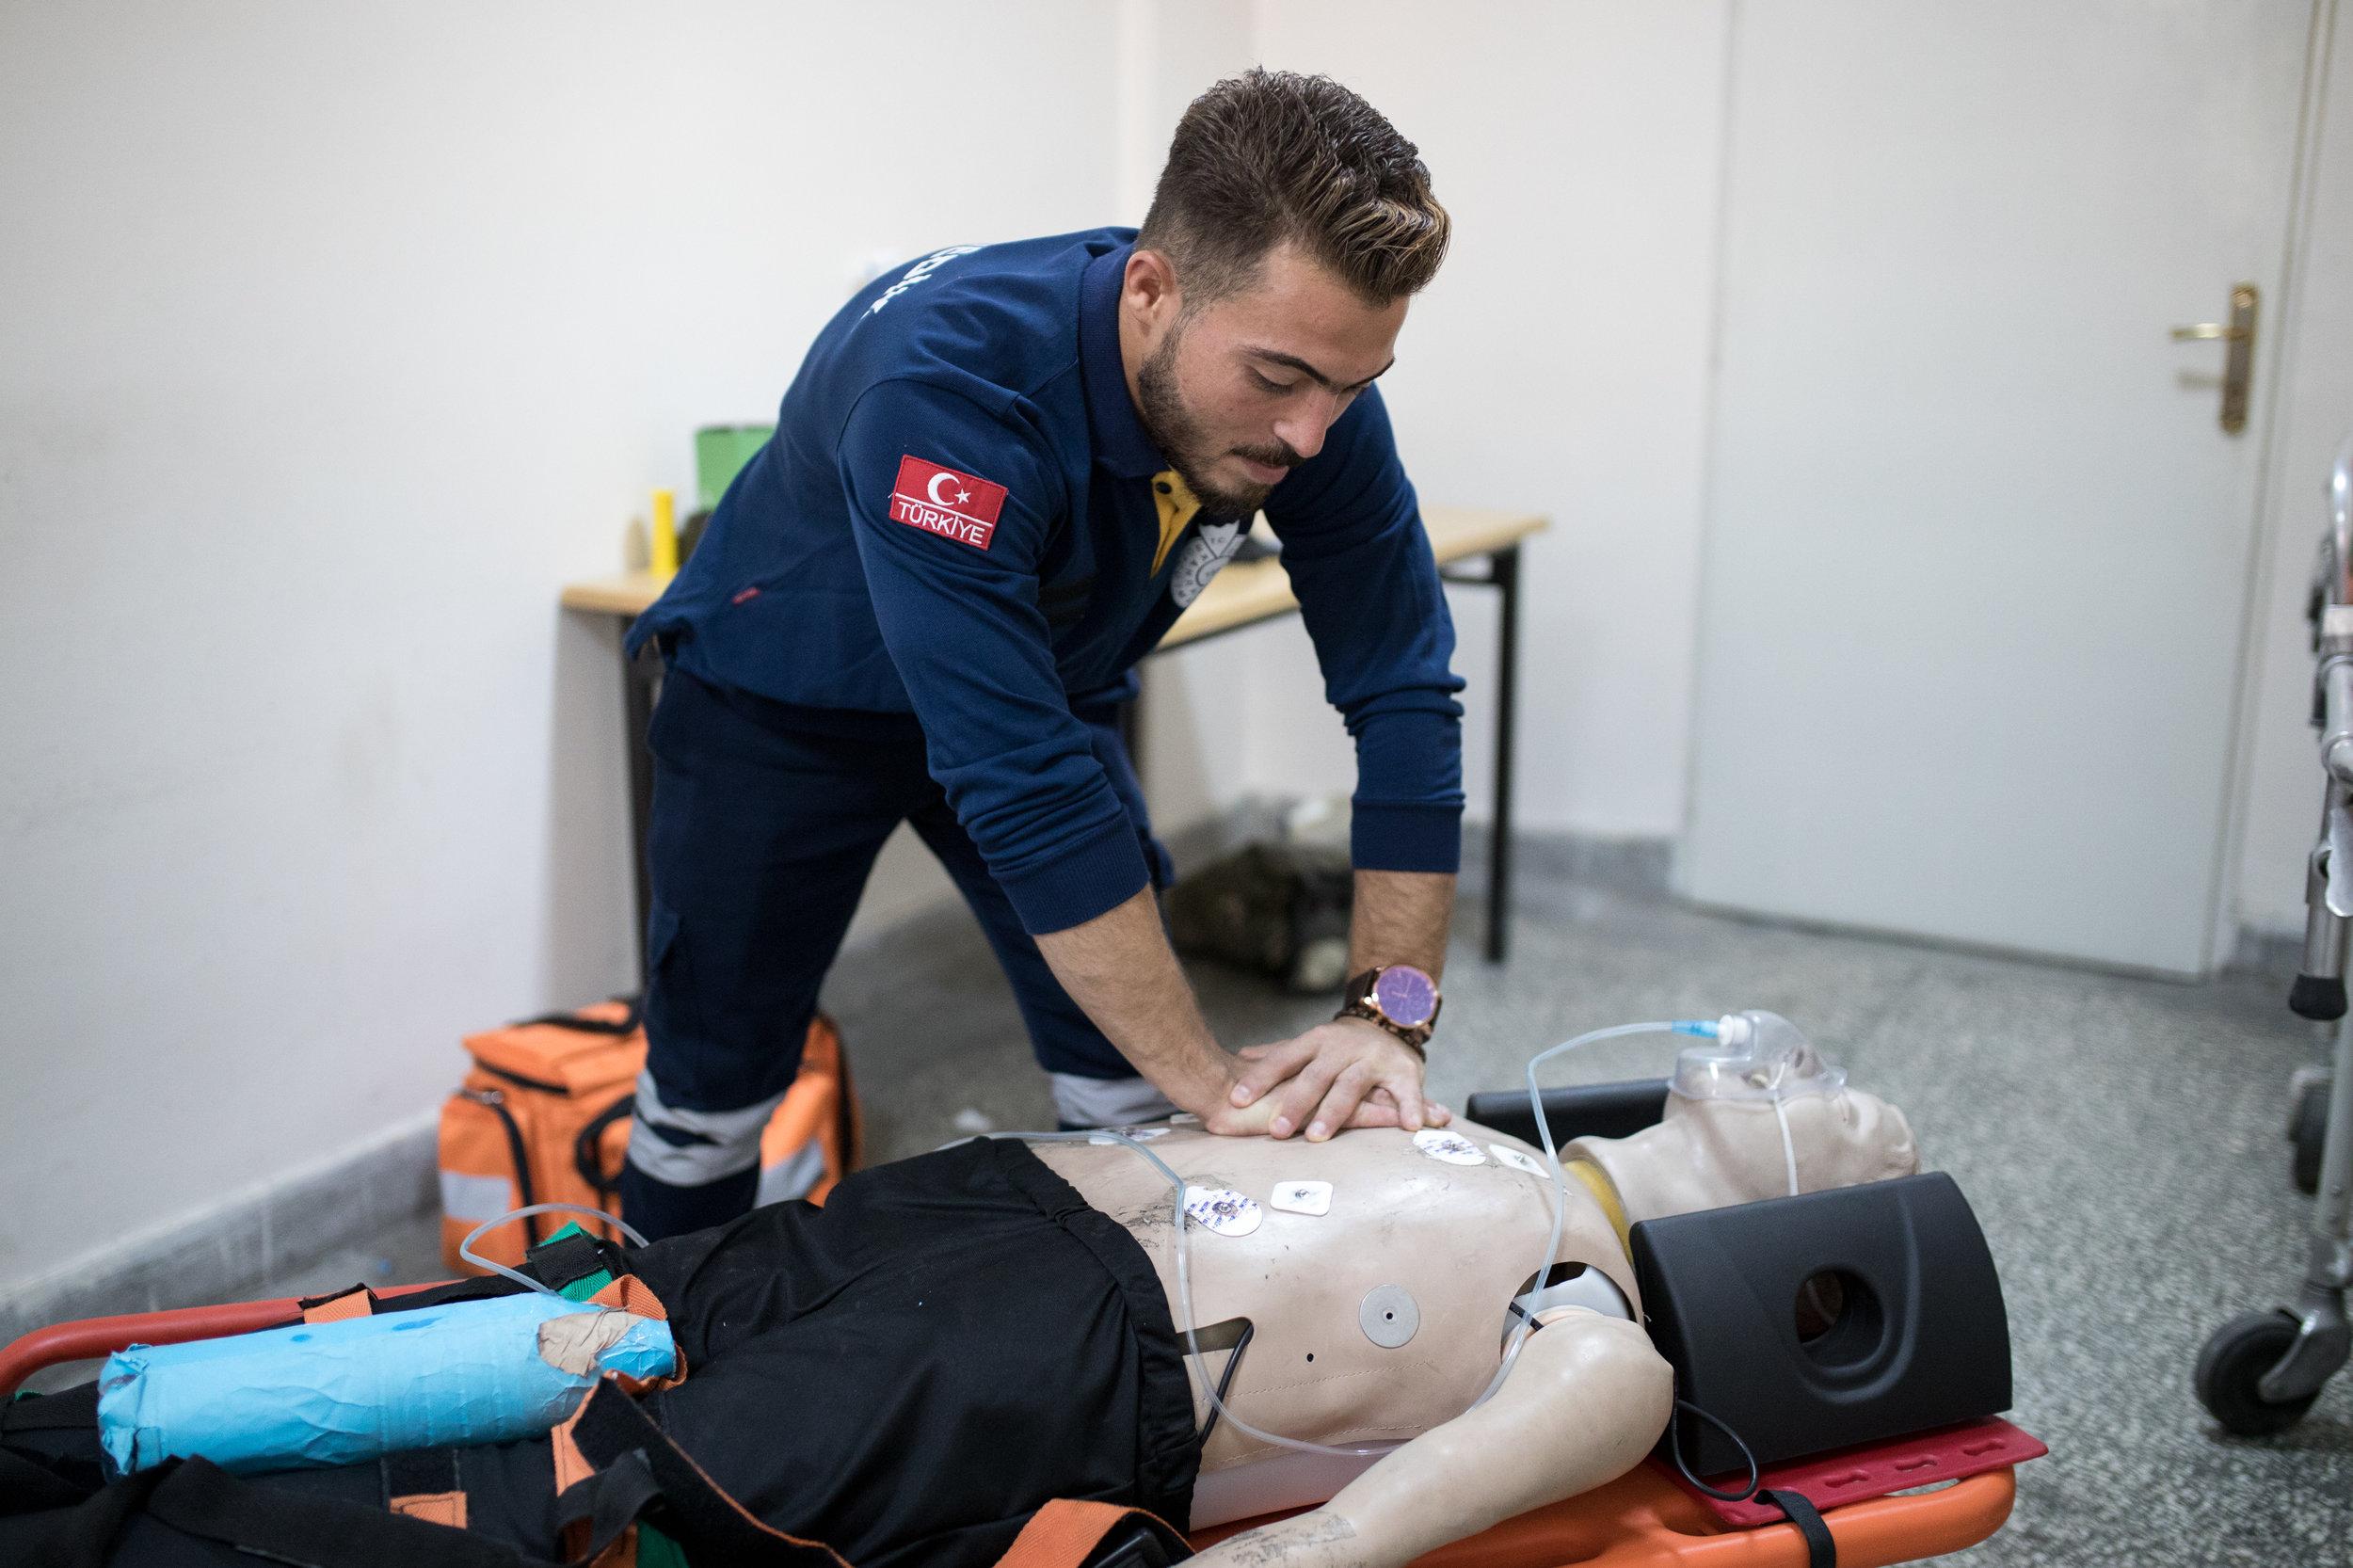 2018-07-02_Muhamed Najar, 24, Paramedic at Sütçü Imam Uni, Kaharamarmas, TK_0248.jpg